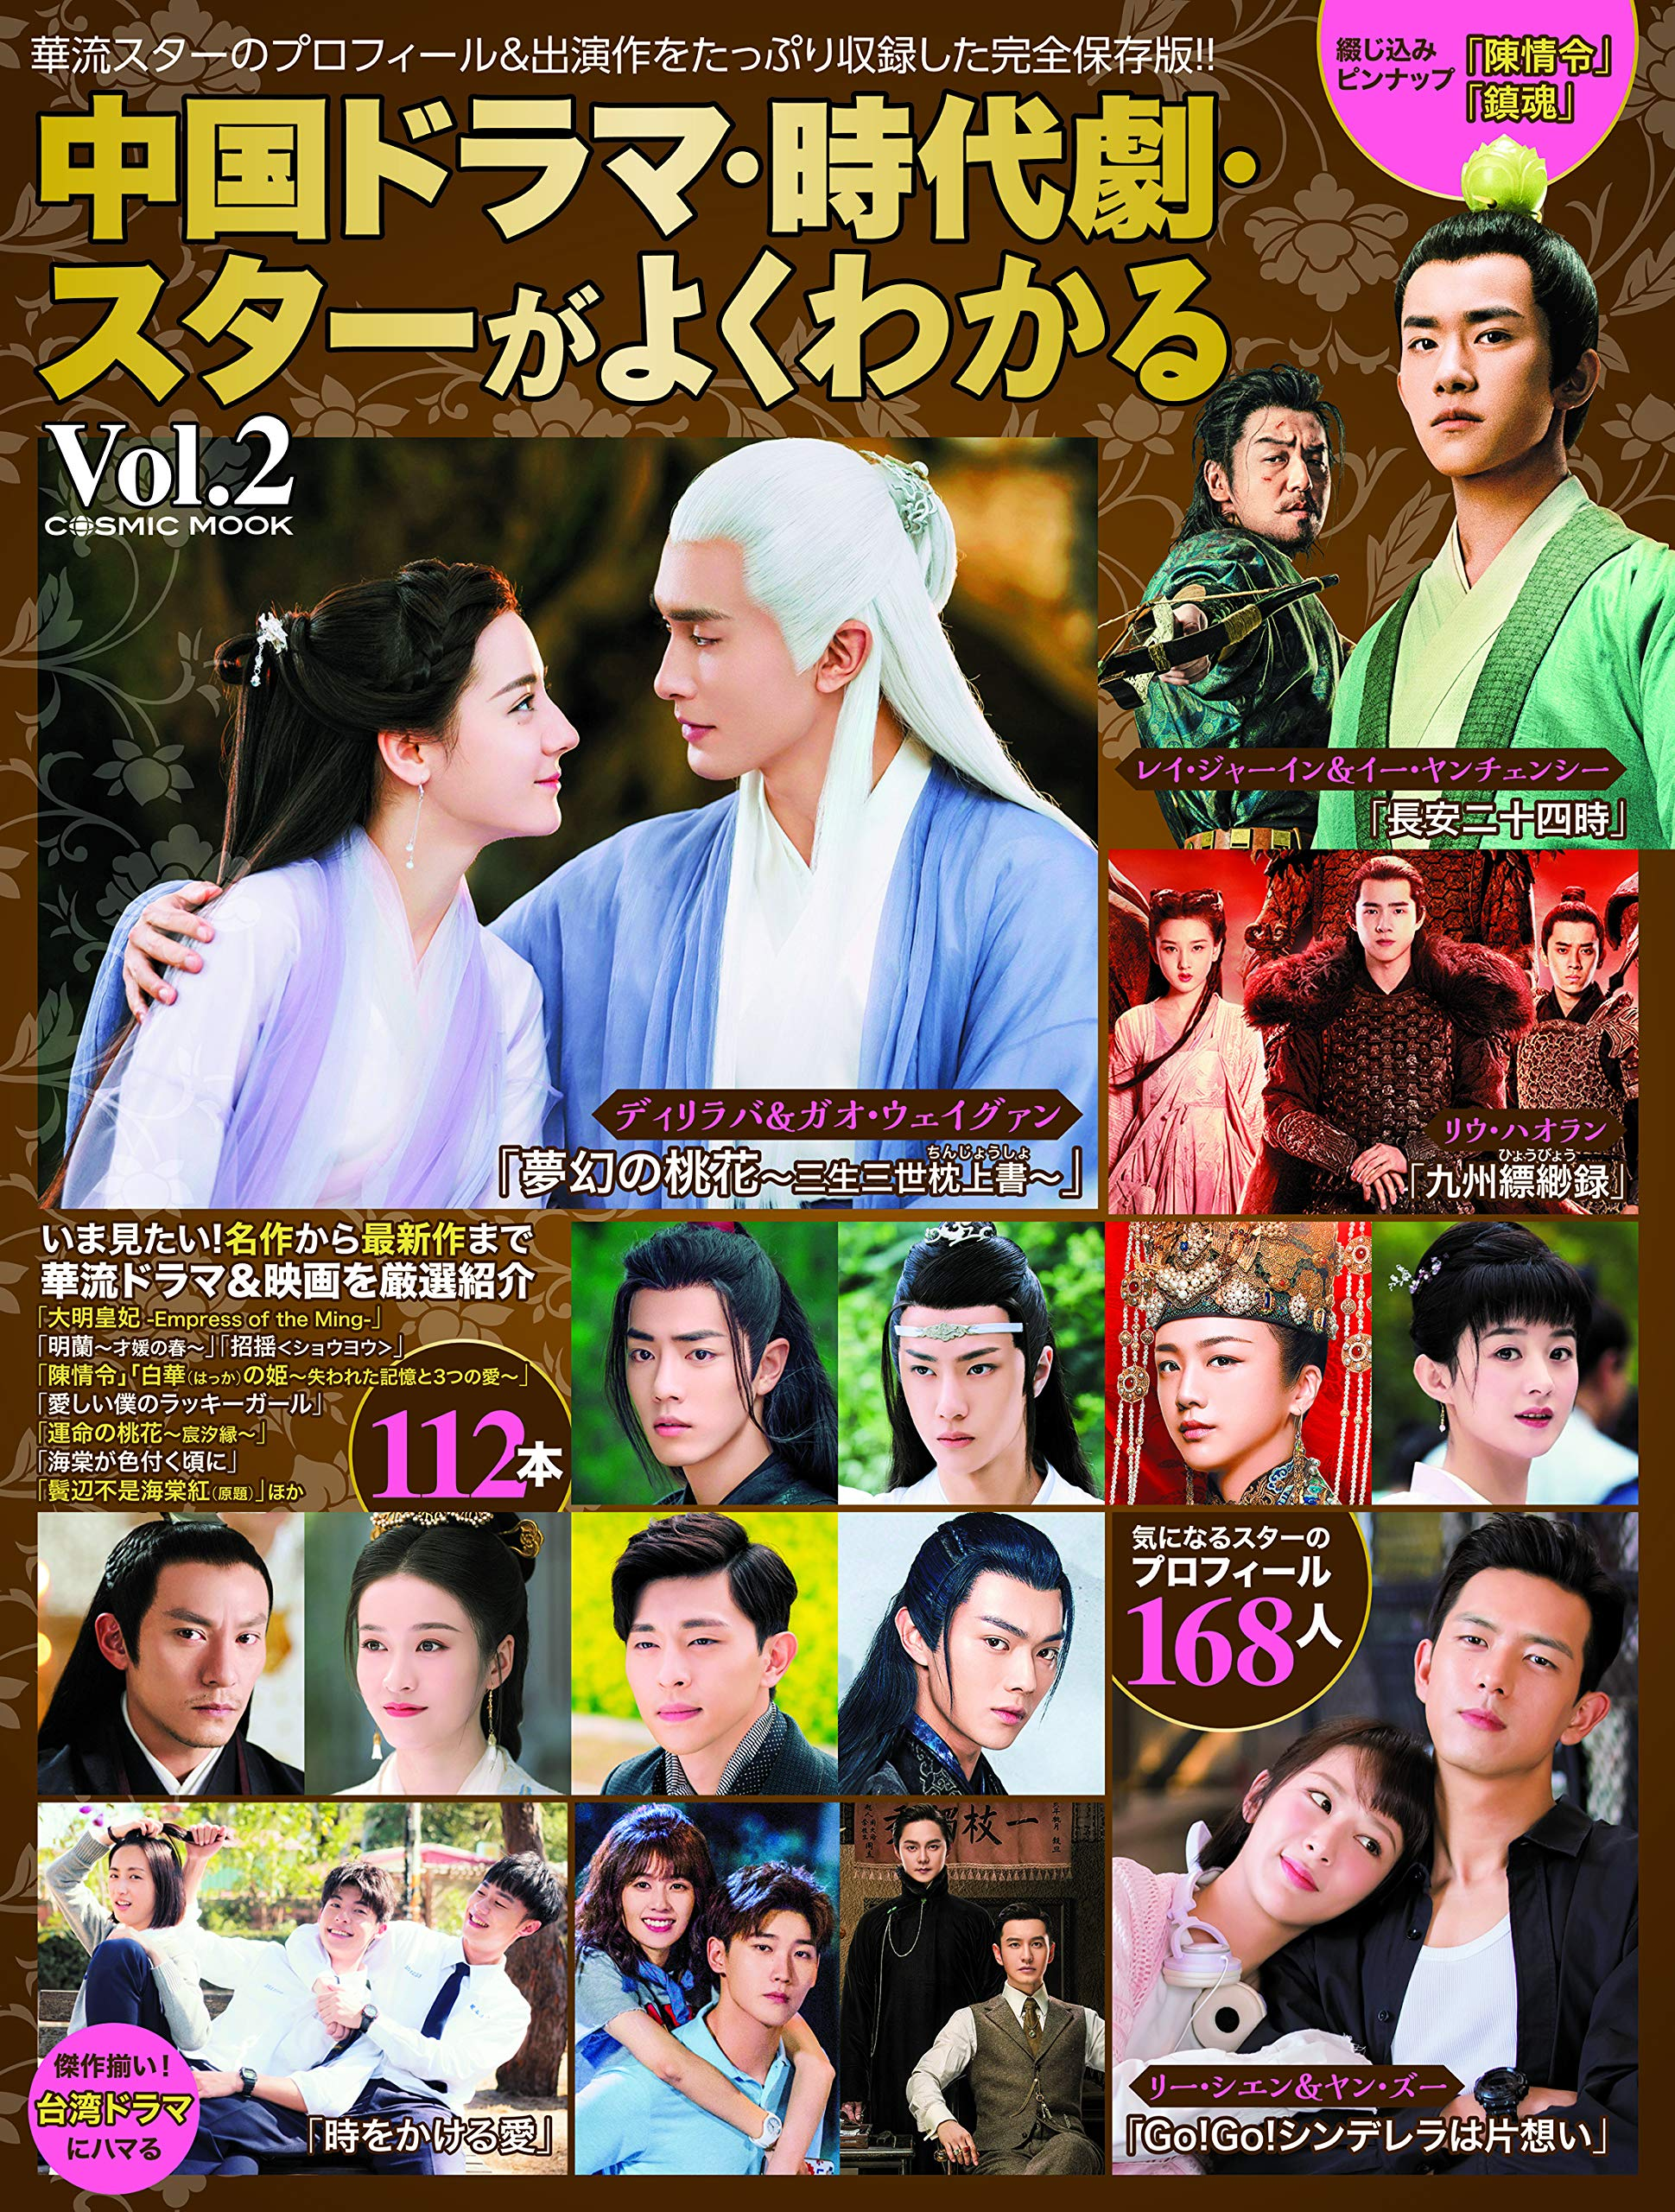 中国ドラマ・時代劇・スターがよくわかる vol.2 (COSMIC MOOK) (日本語) ムック 2020/8/27